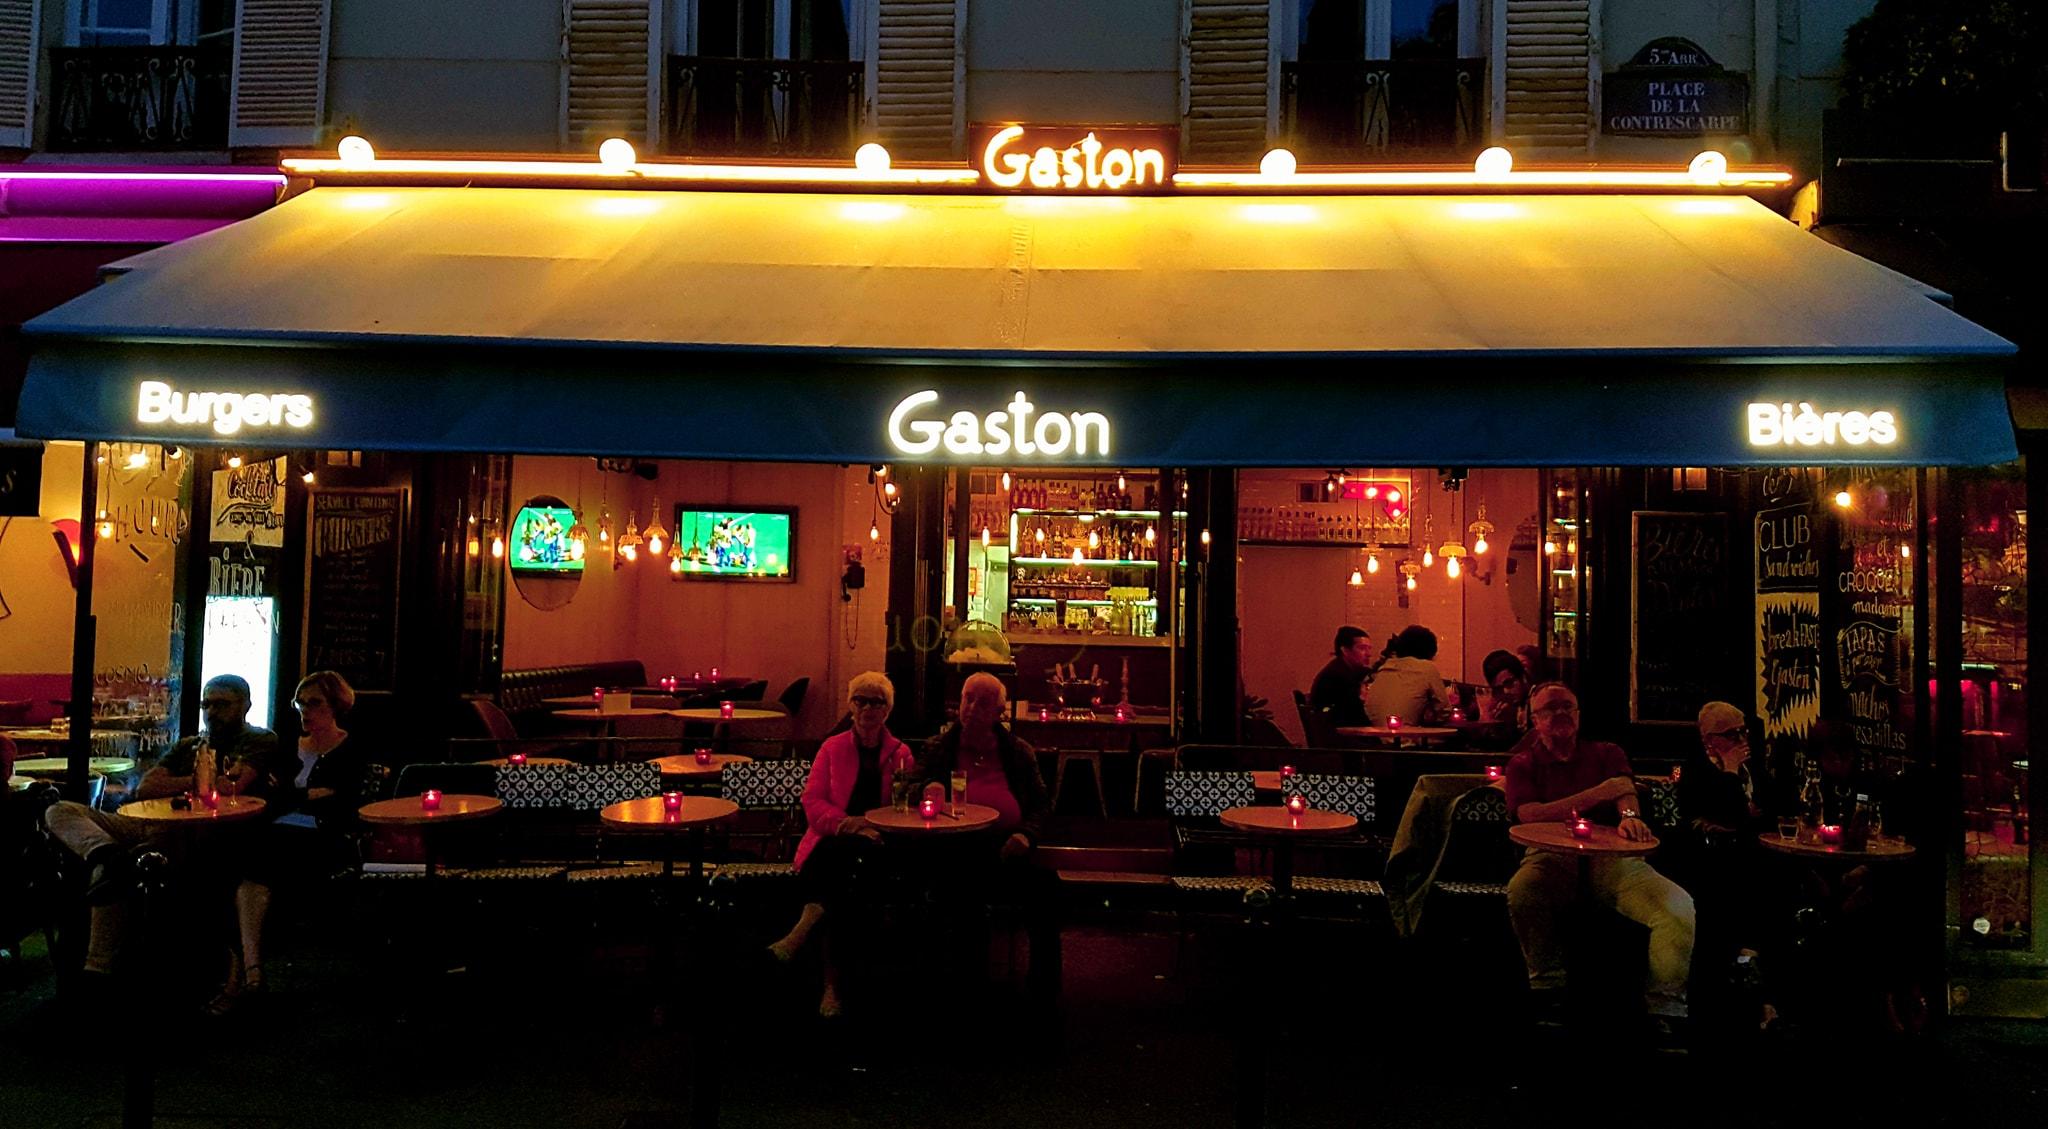 Le Gaston bar restaurant prendre un verre chill paris terrasse alcool place de la contrescarpe